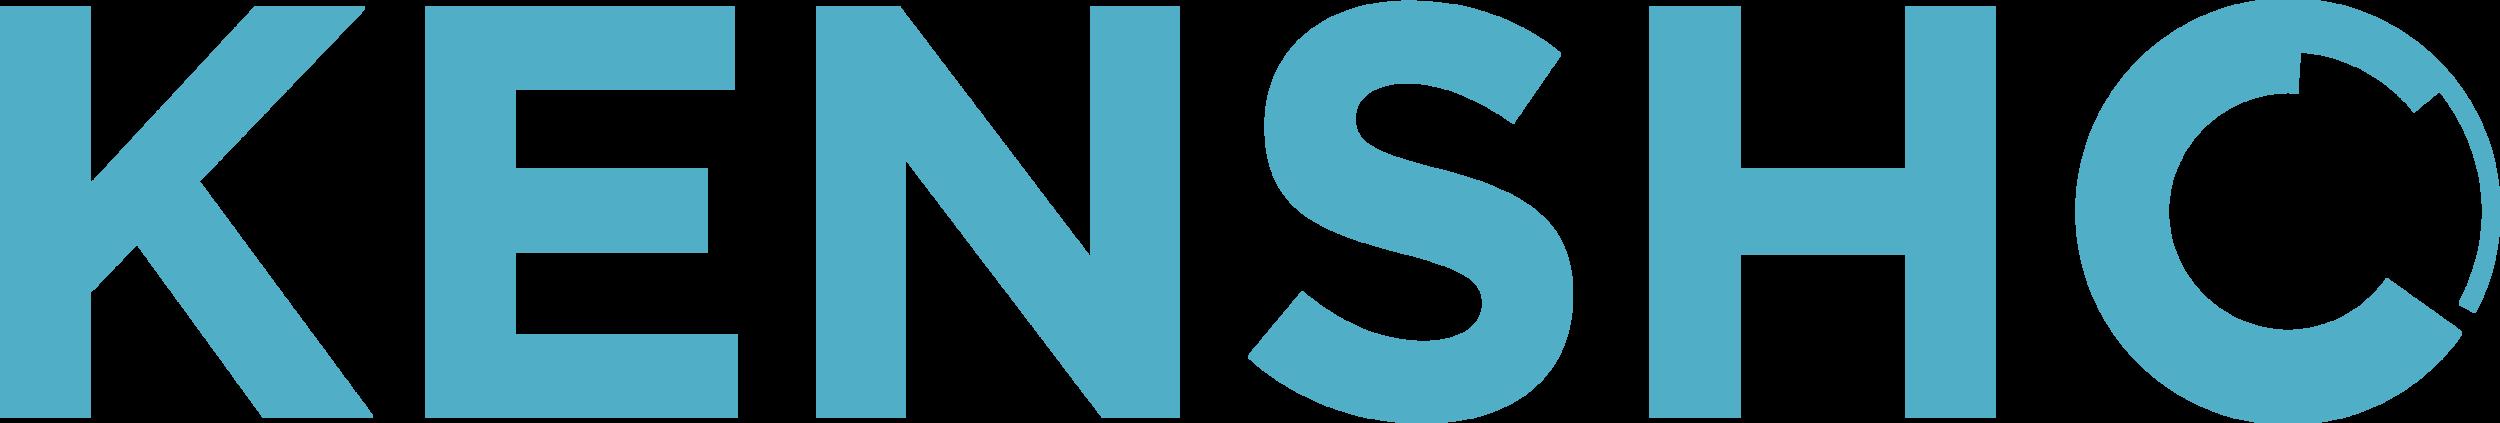 Kensho-logo-for-web.png